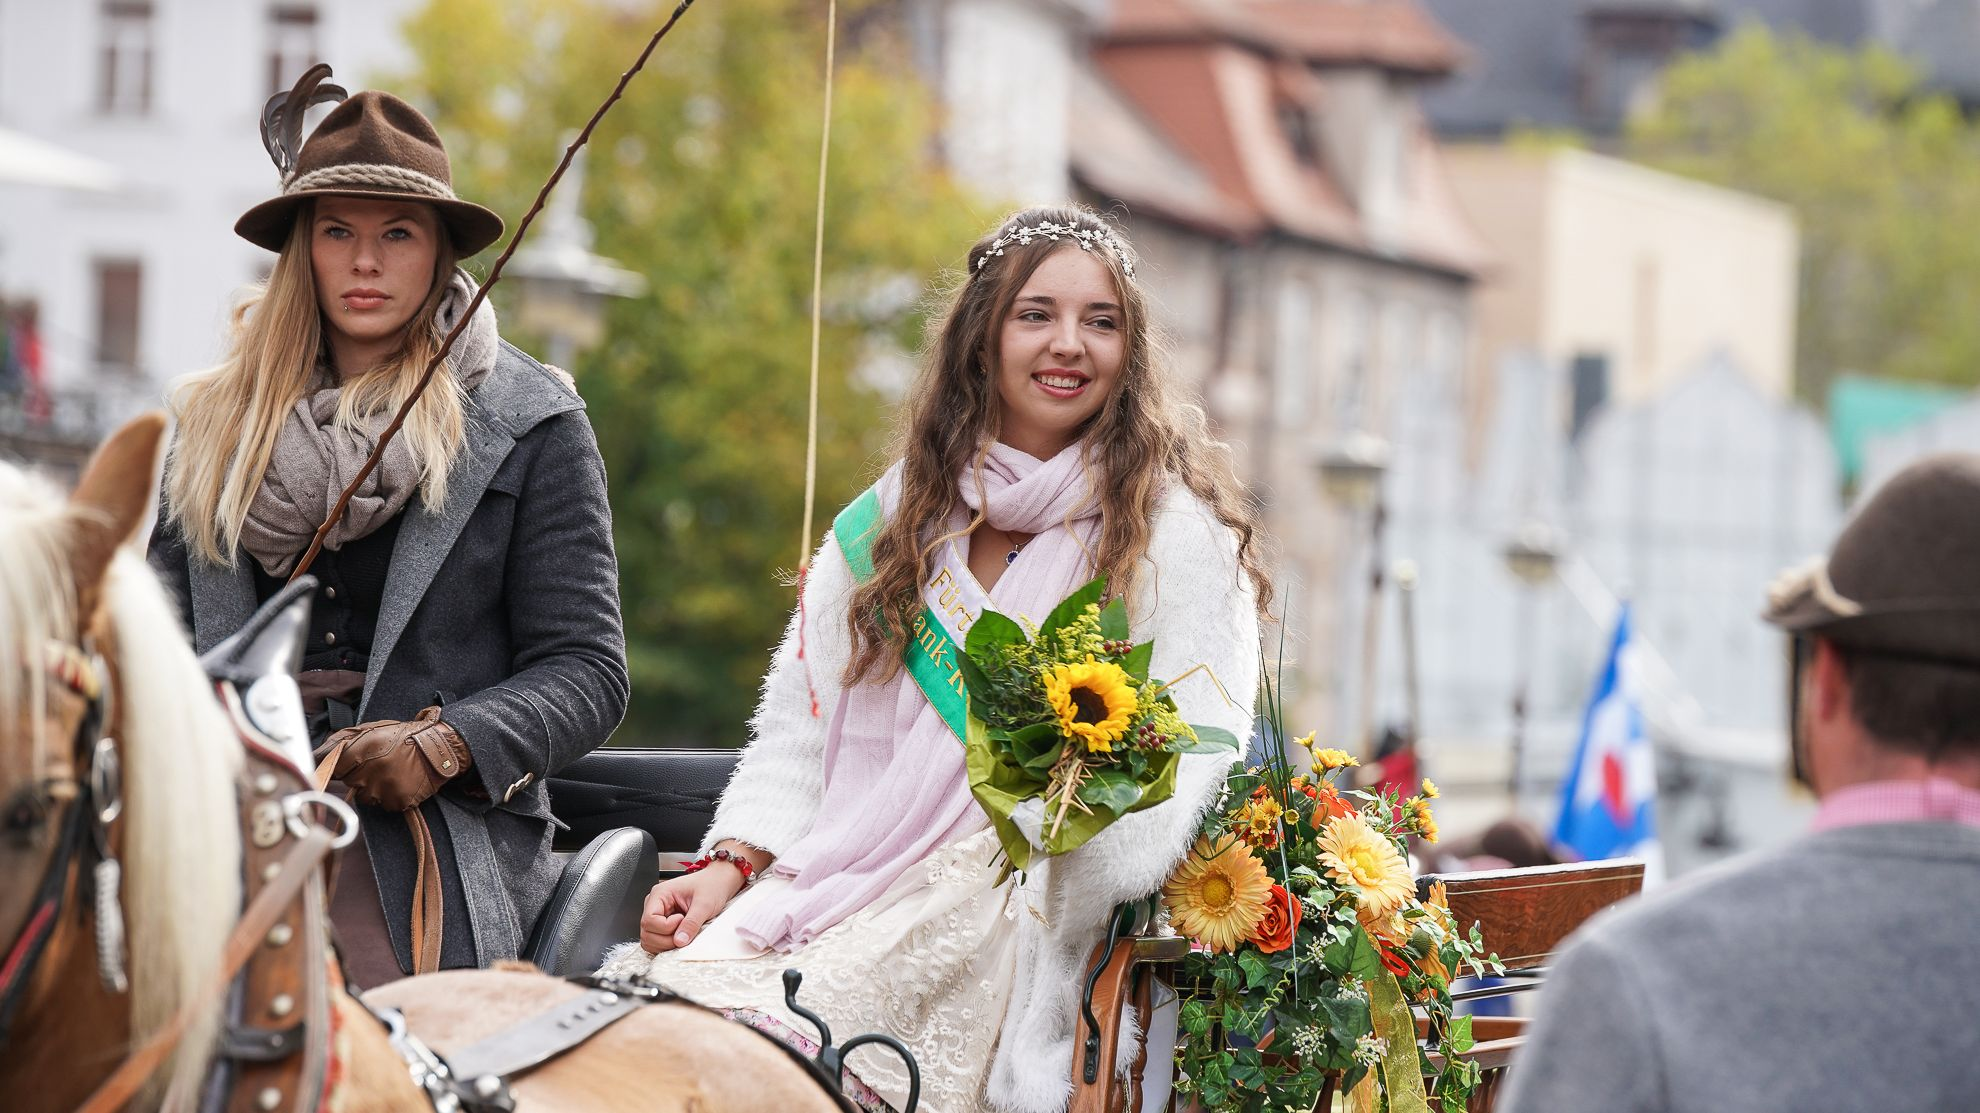 Geschmückte Frauen auf einer Kutsche